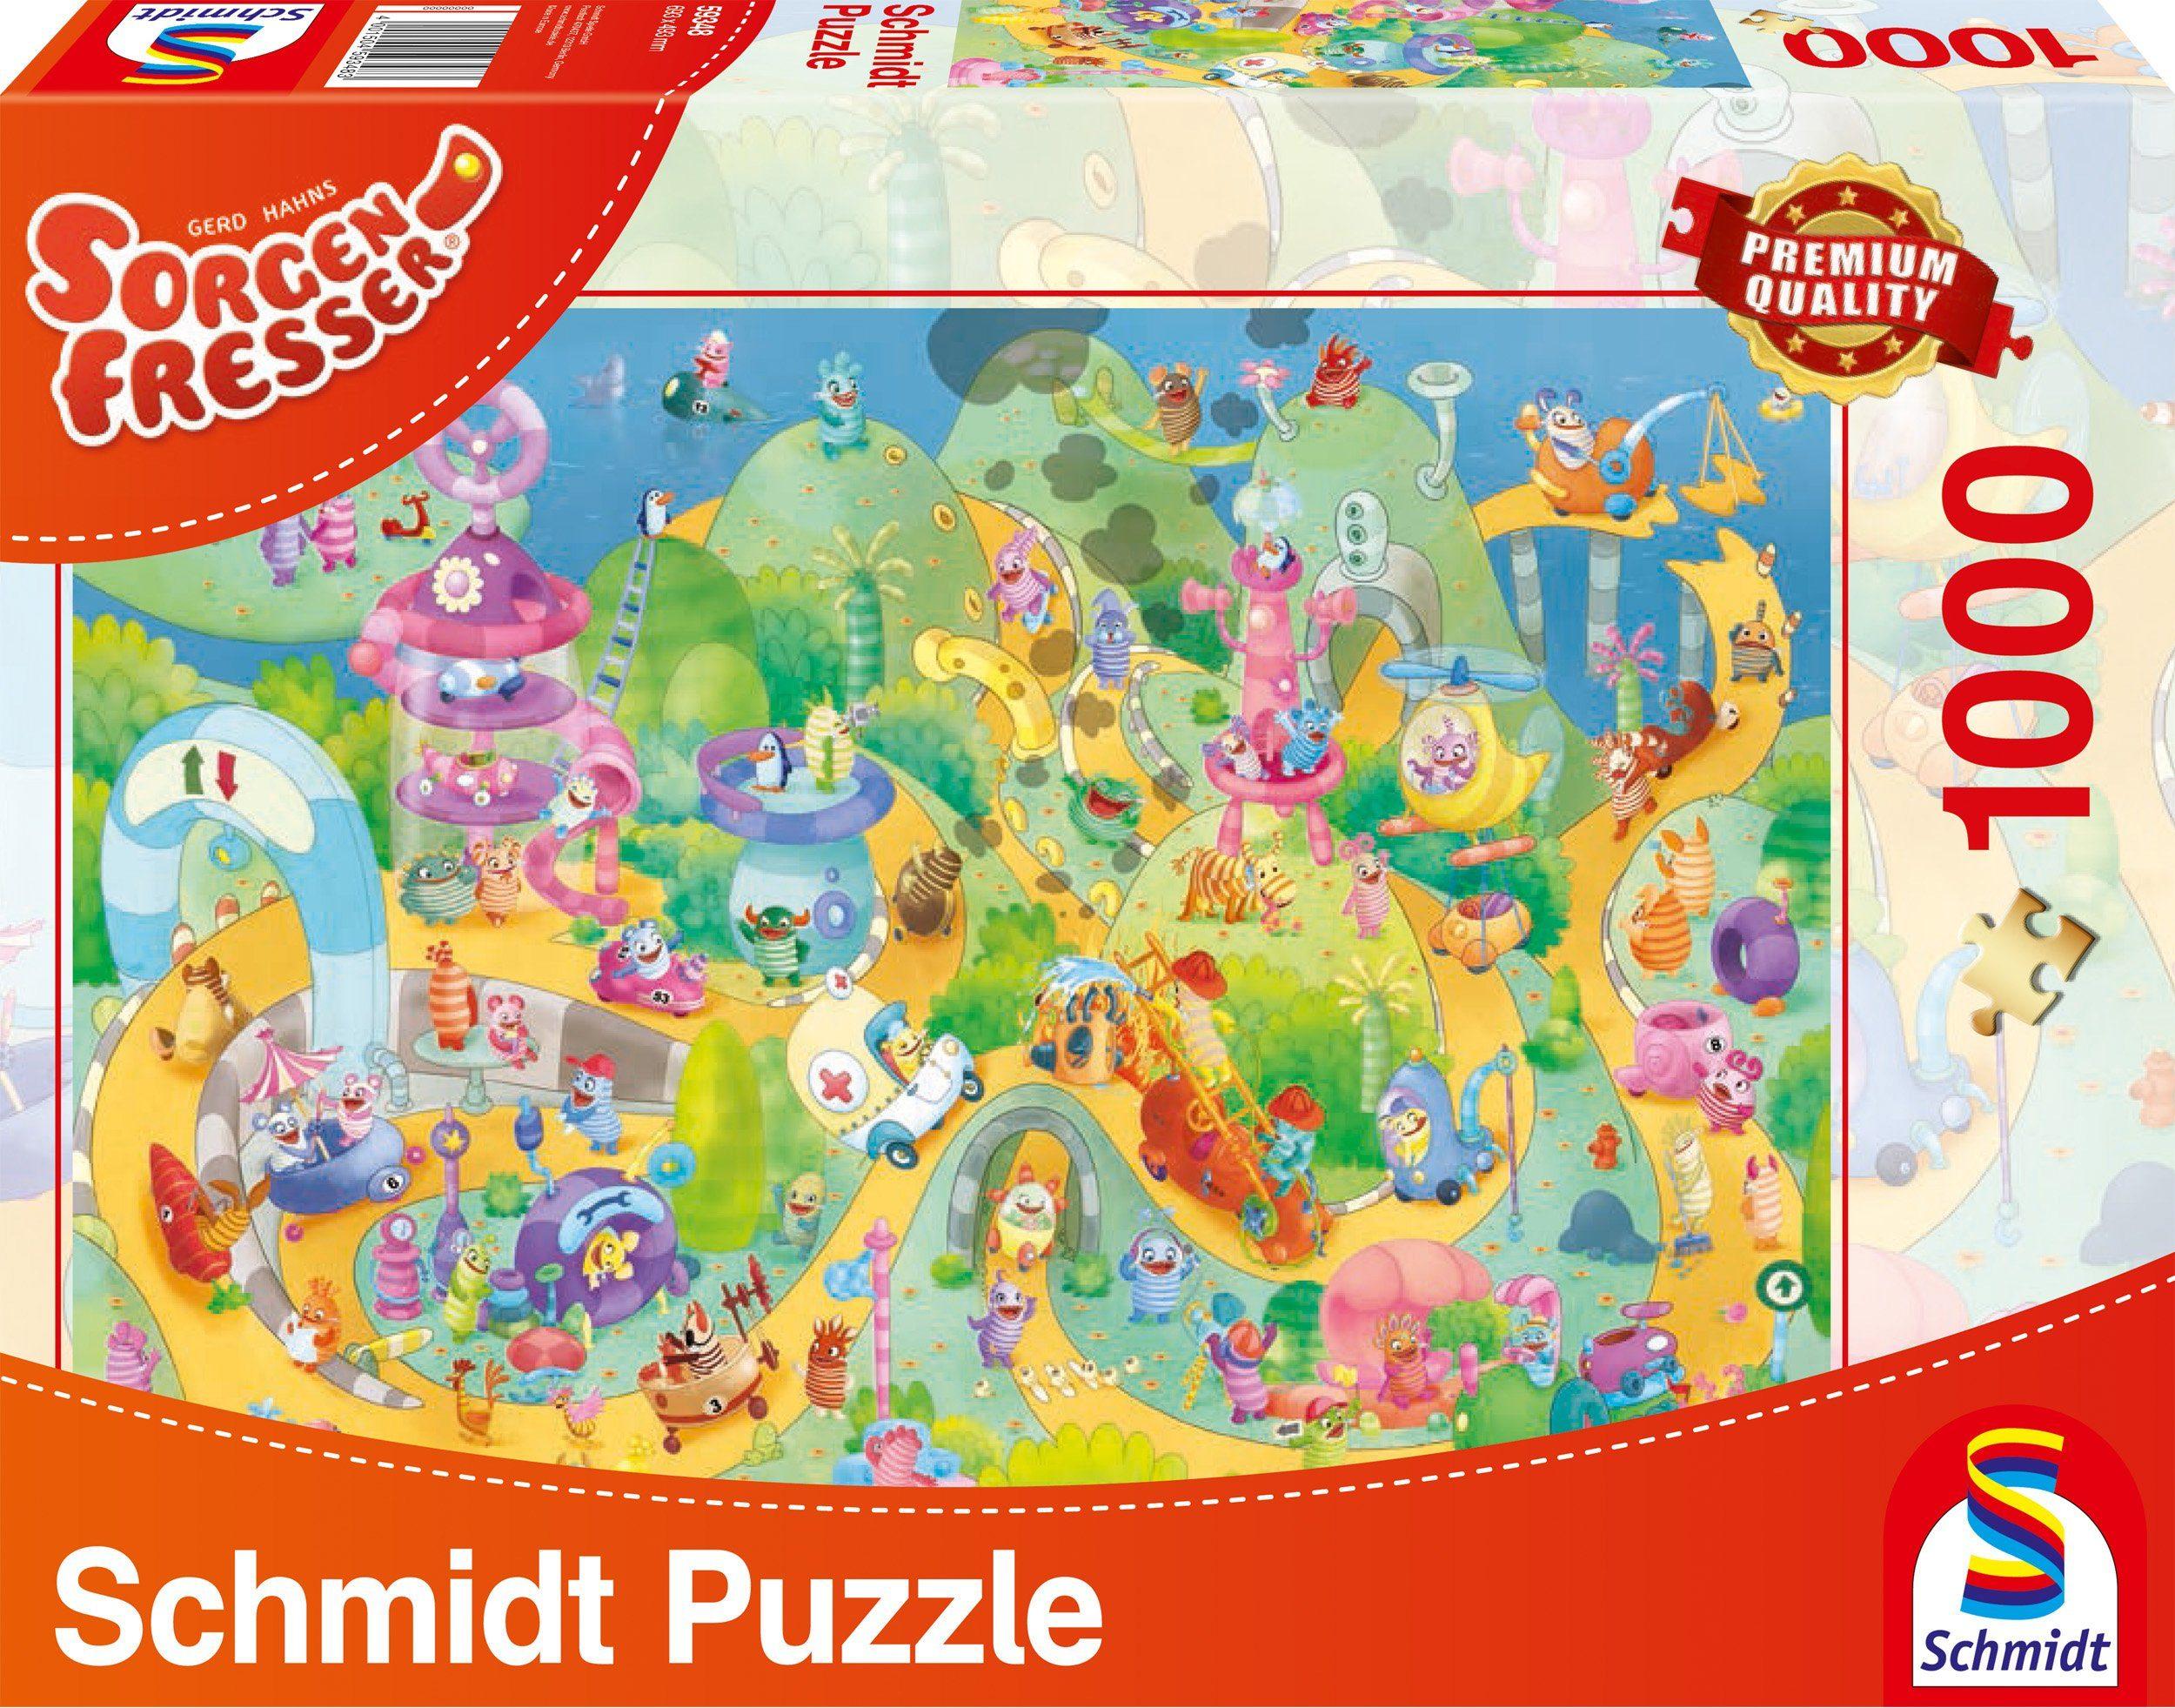 Schmidt Spiele Puzzle mit 1000 Teilen, »Sorgenfresser, Auf die Plätze, fertig, los!«